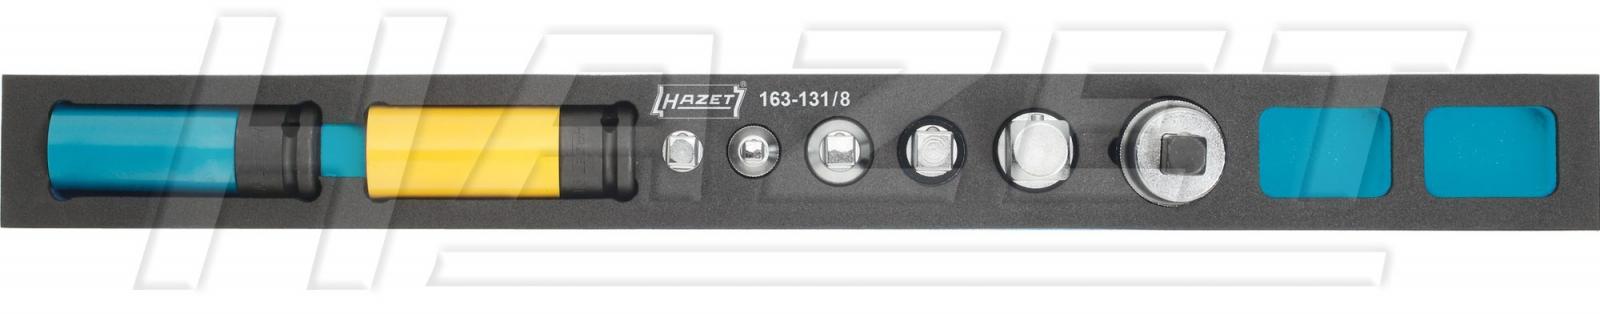 Tủ đồ nghề 8 ngăn 300 chi tiết Hazet 179N-8-RAL7021/300